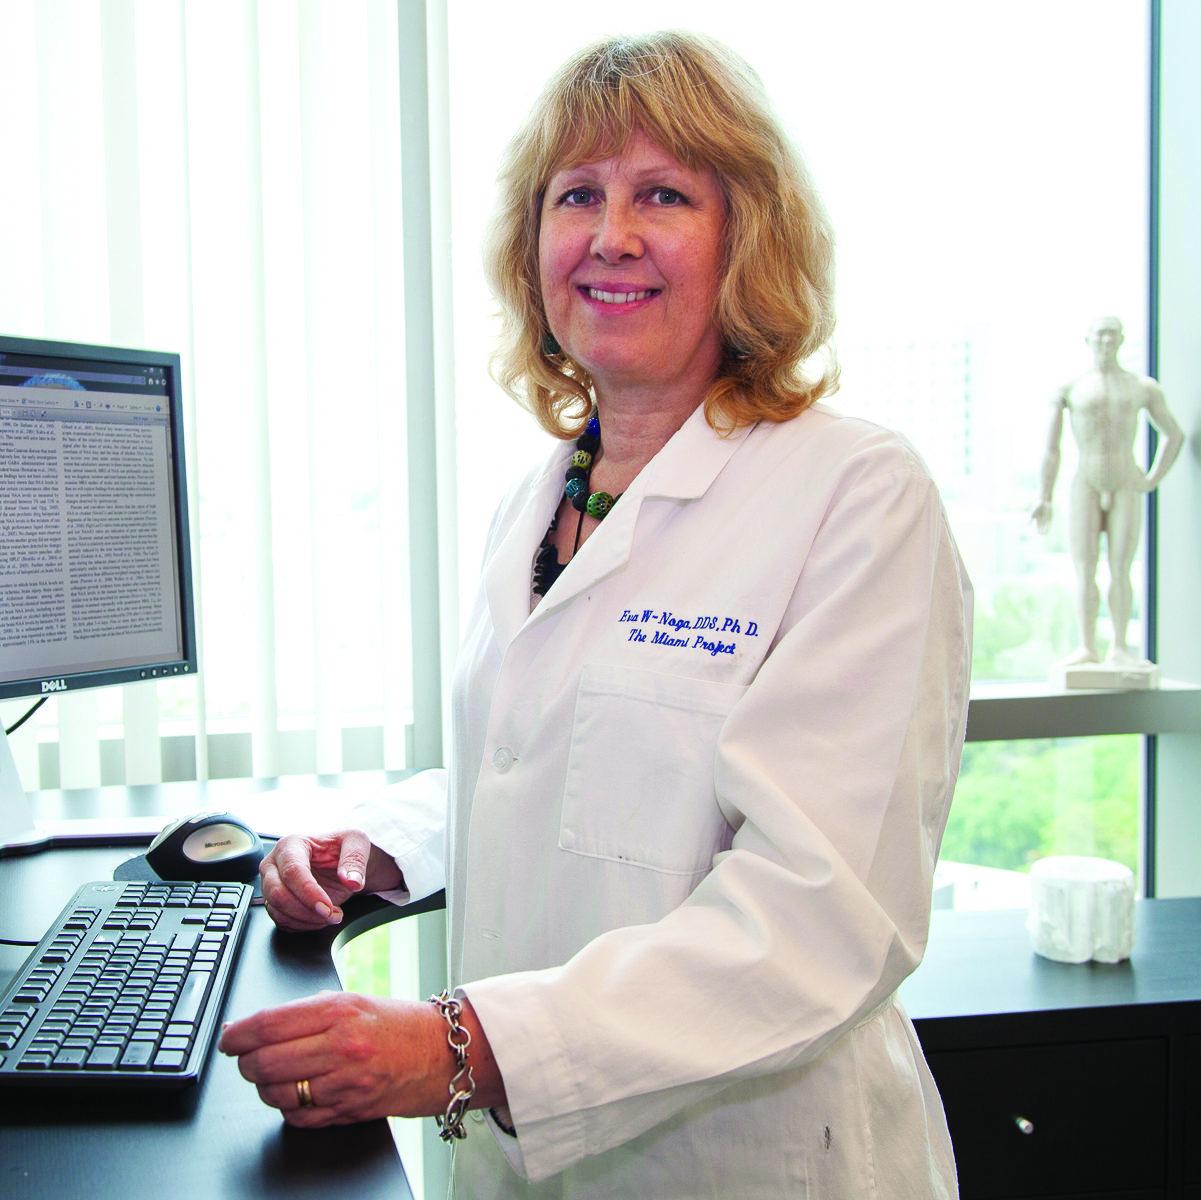 Eva Widerstrom-Noga, Ph.D.